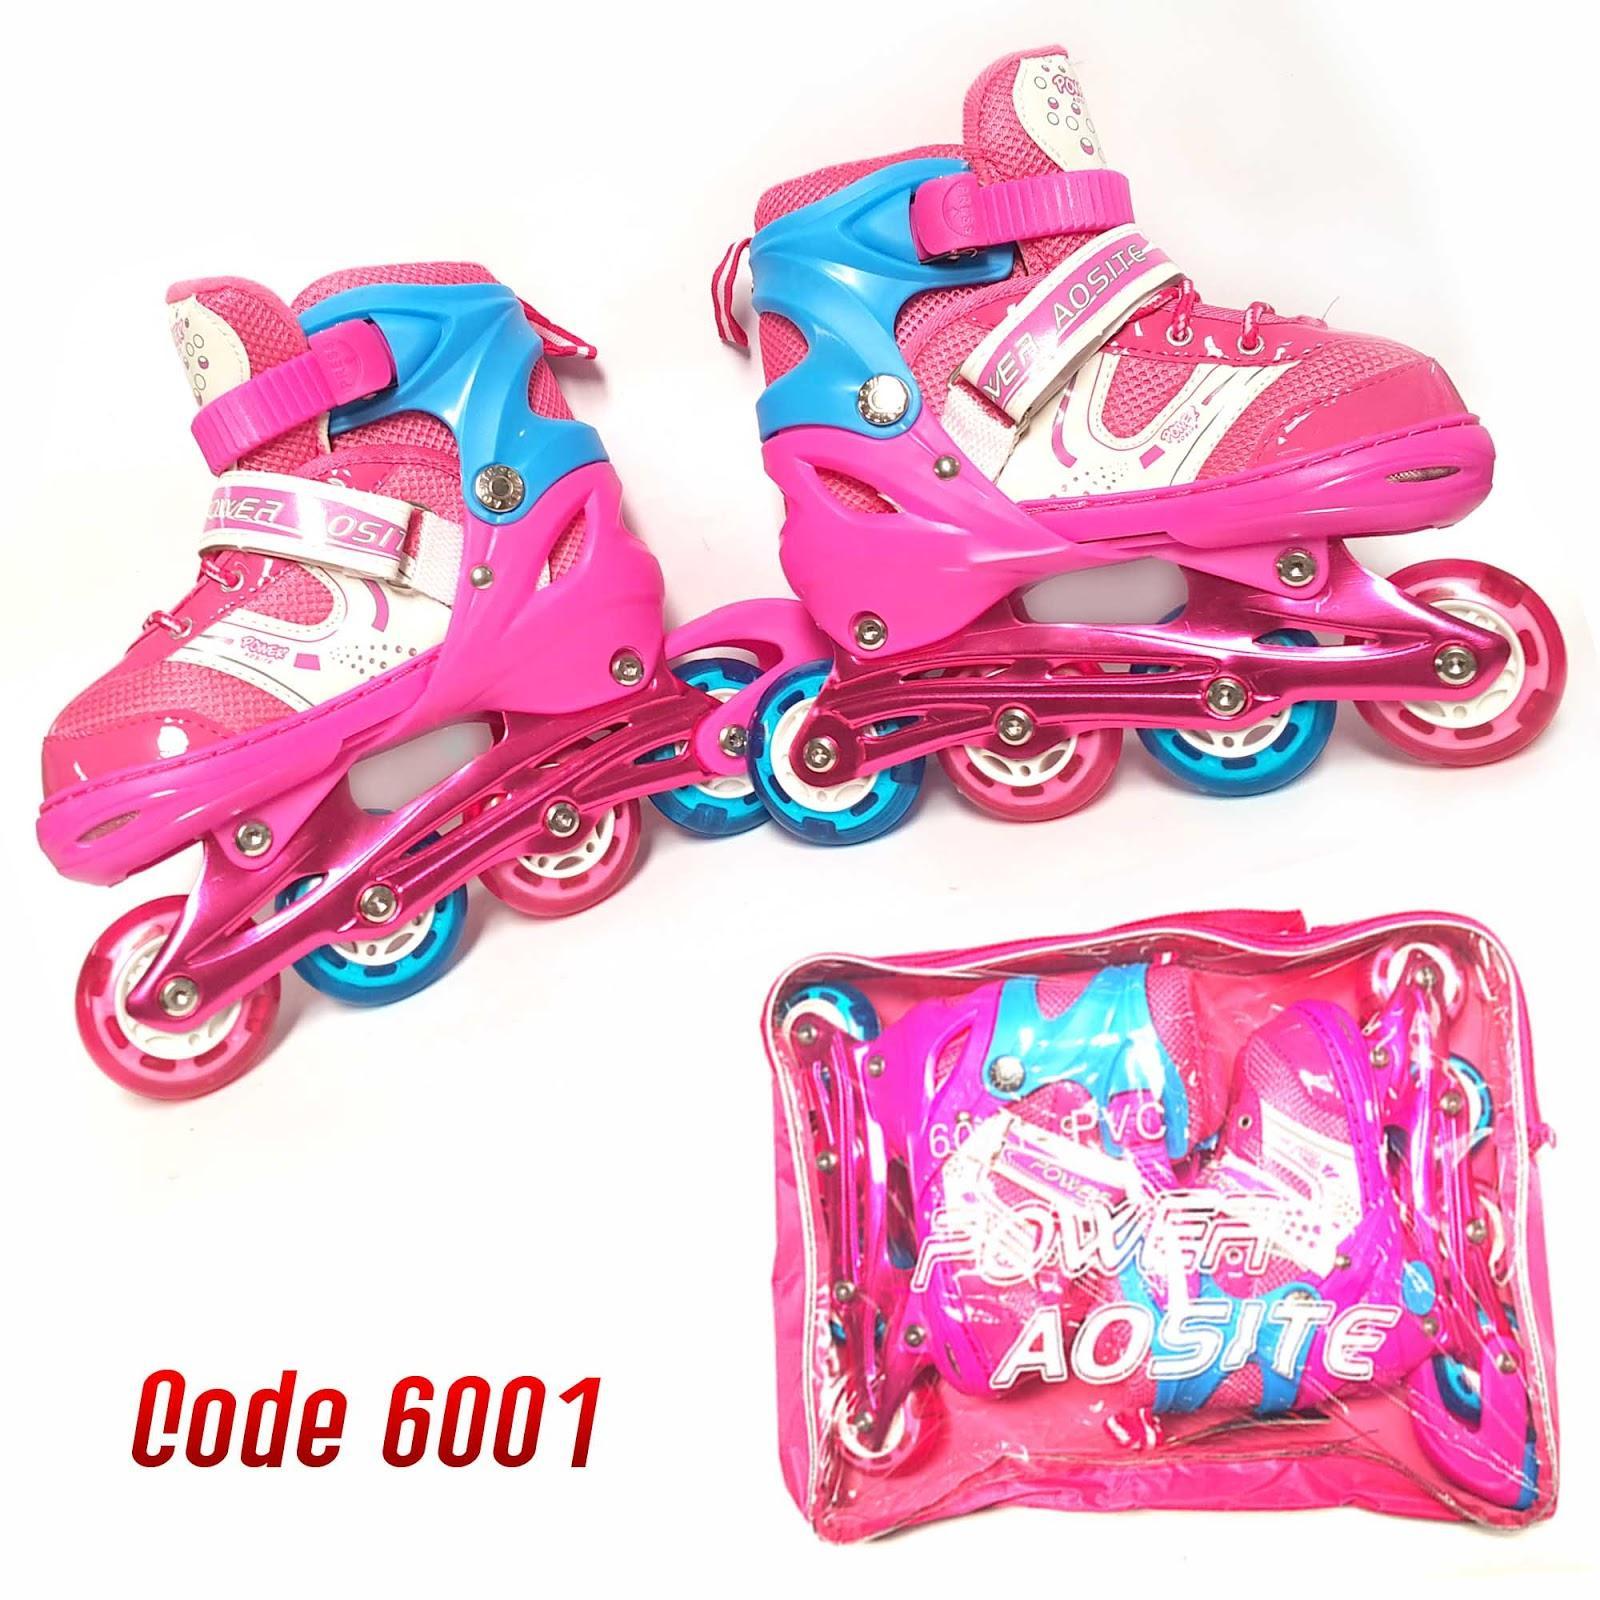 Sepatu Roda Inline Skate Power Aosite Type 6001 50a61f0836